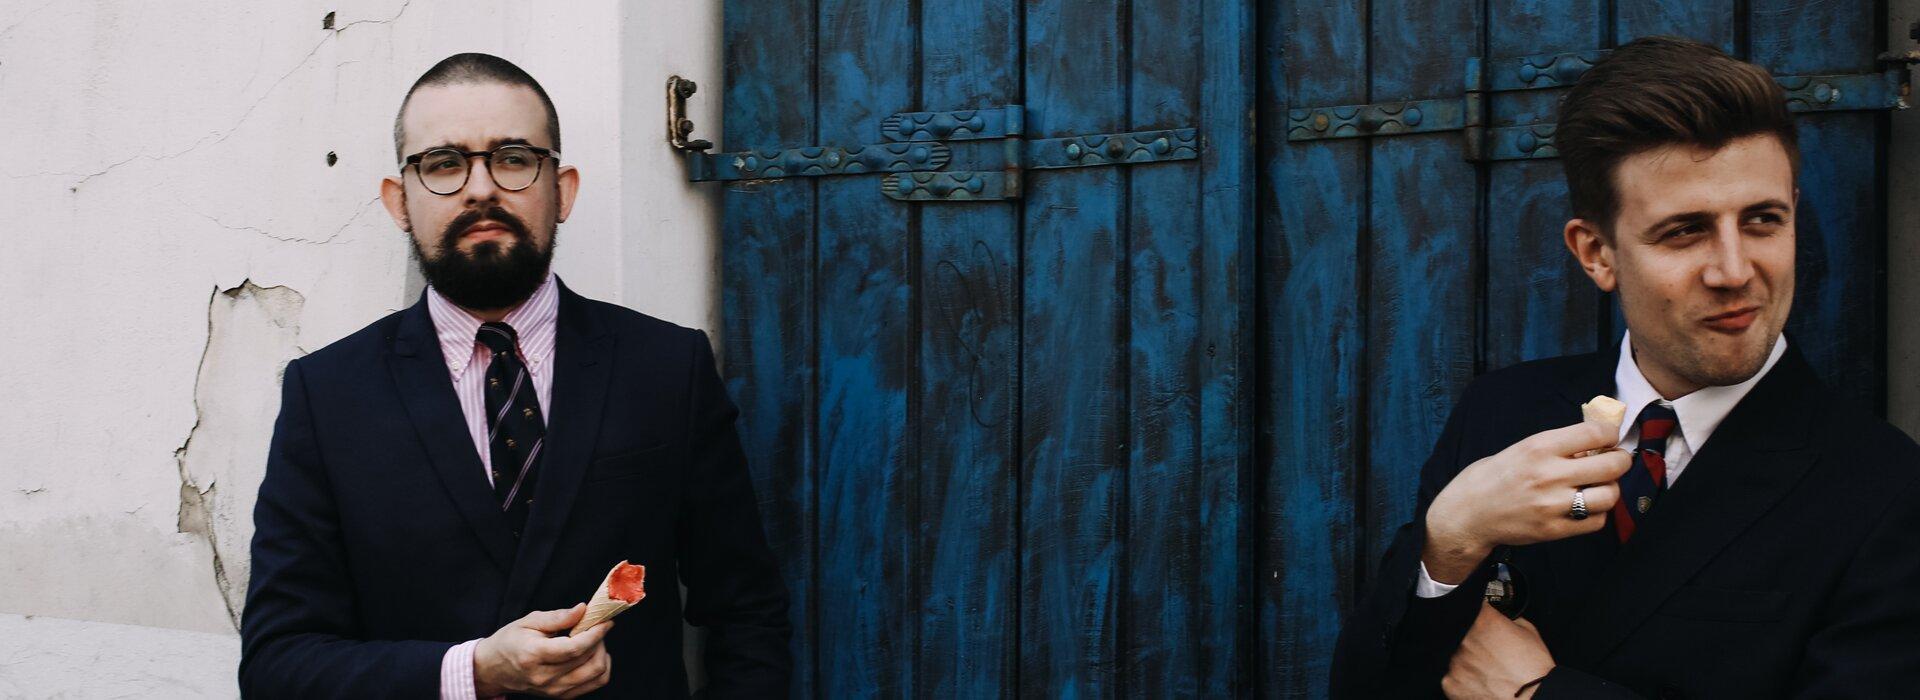 Elegancja, Moda męska, Jakub Bażela, Grzegorz Paliś, Blog o modzie męskiej, Marynarka dwurzędowa granatowa, Dwurzędówka